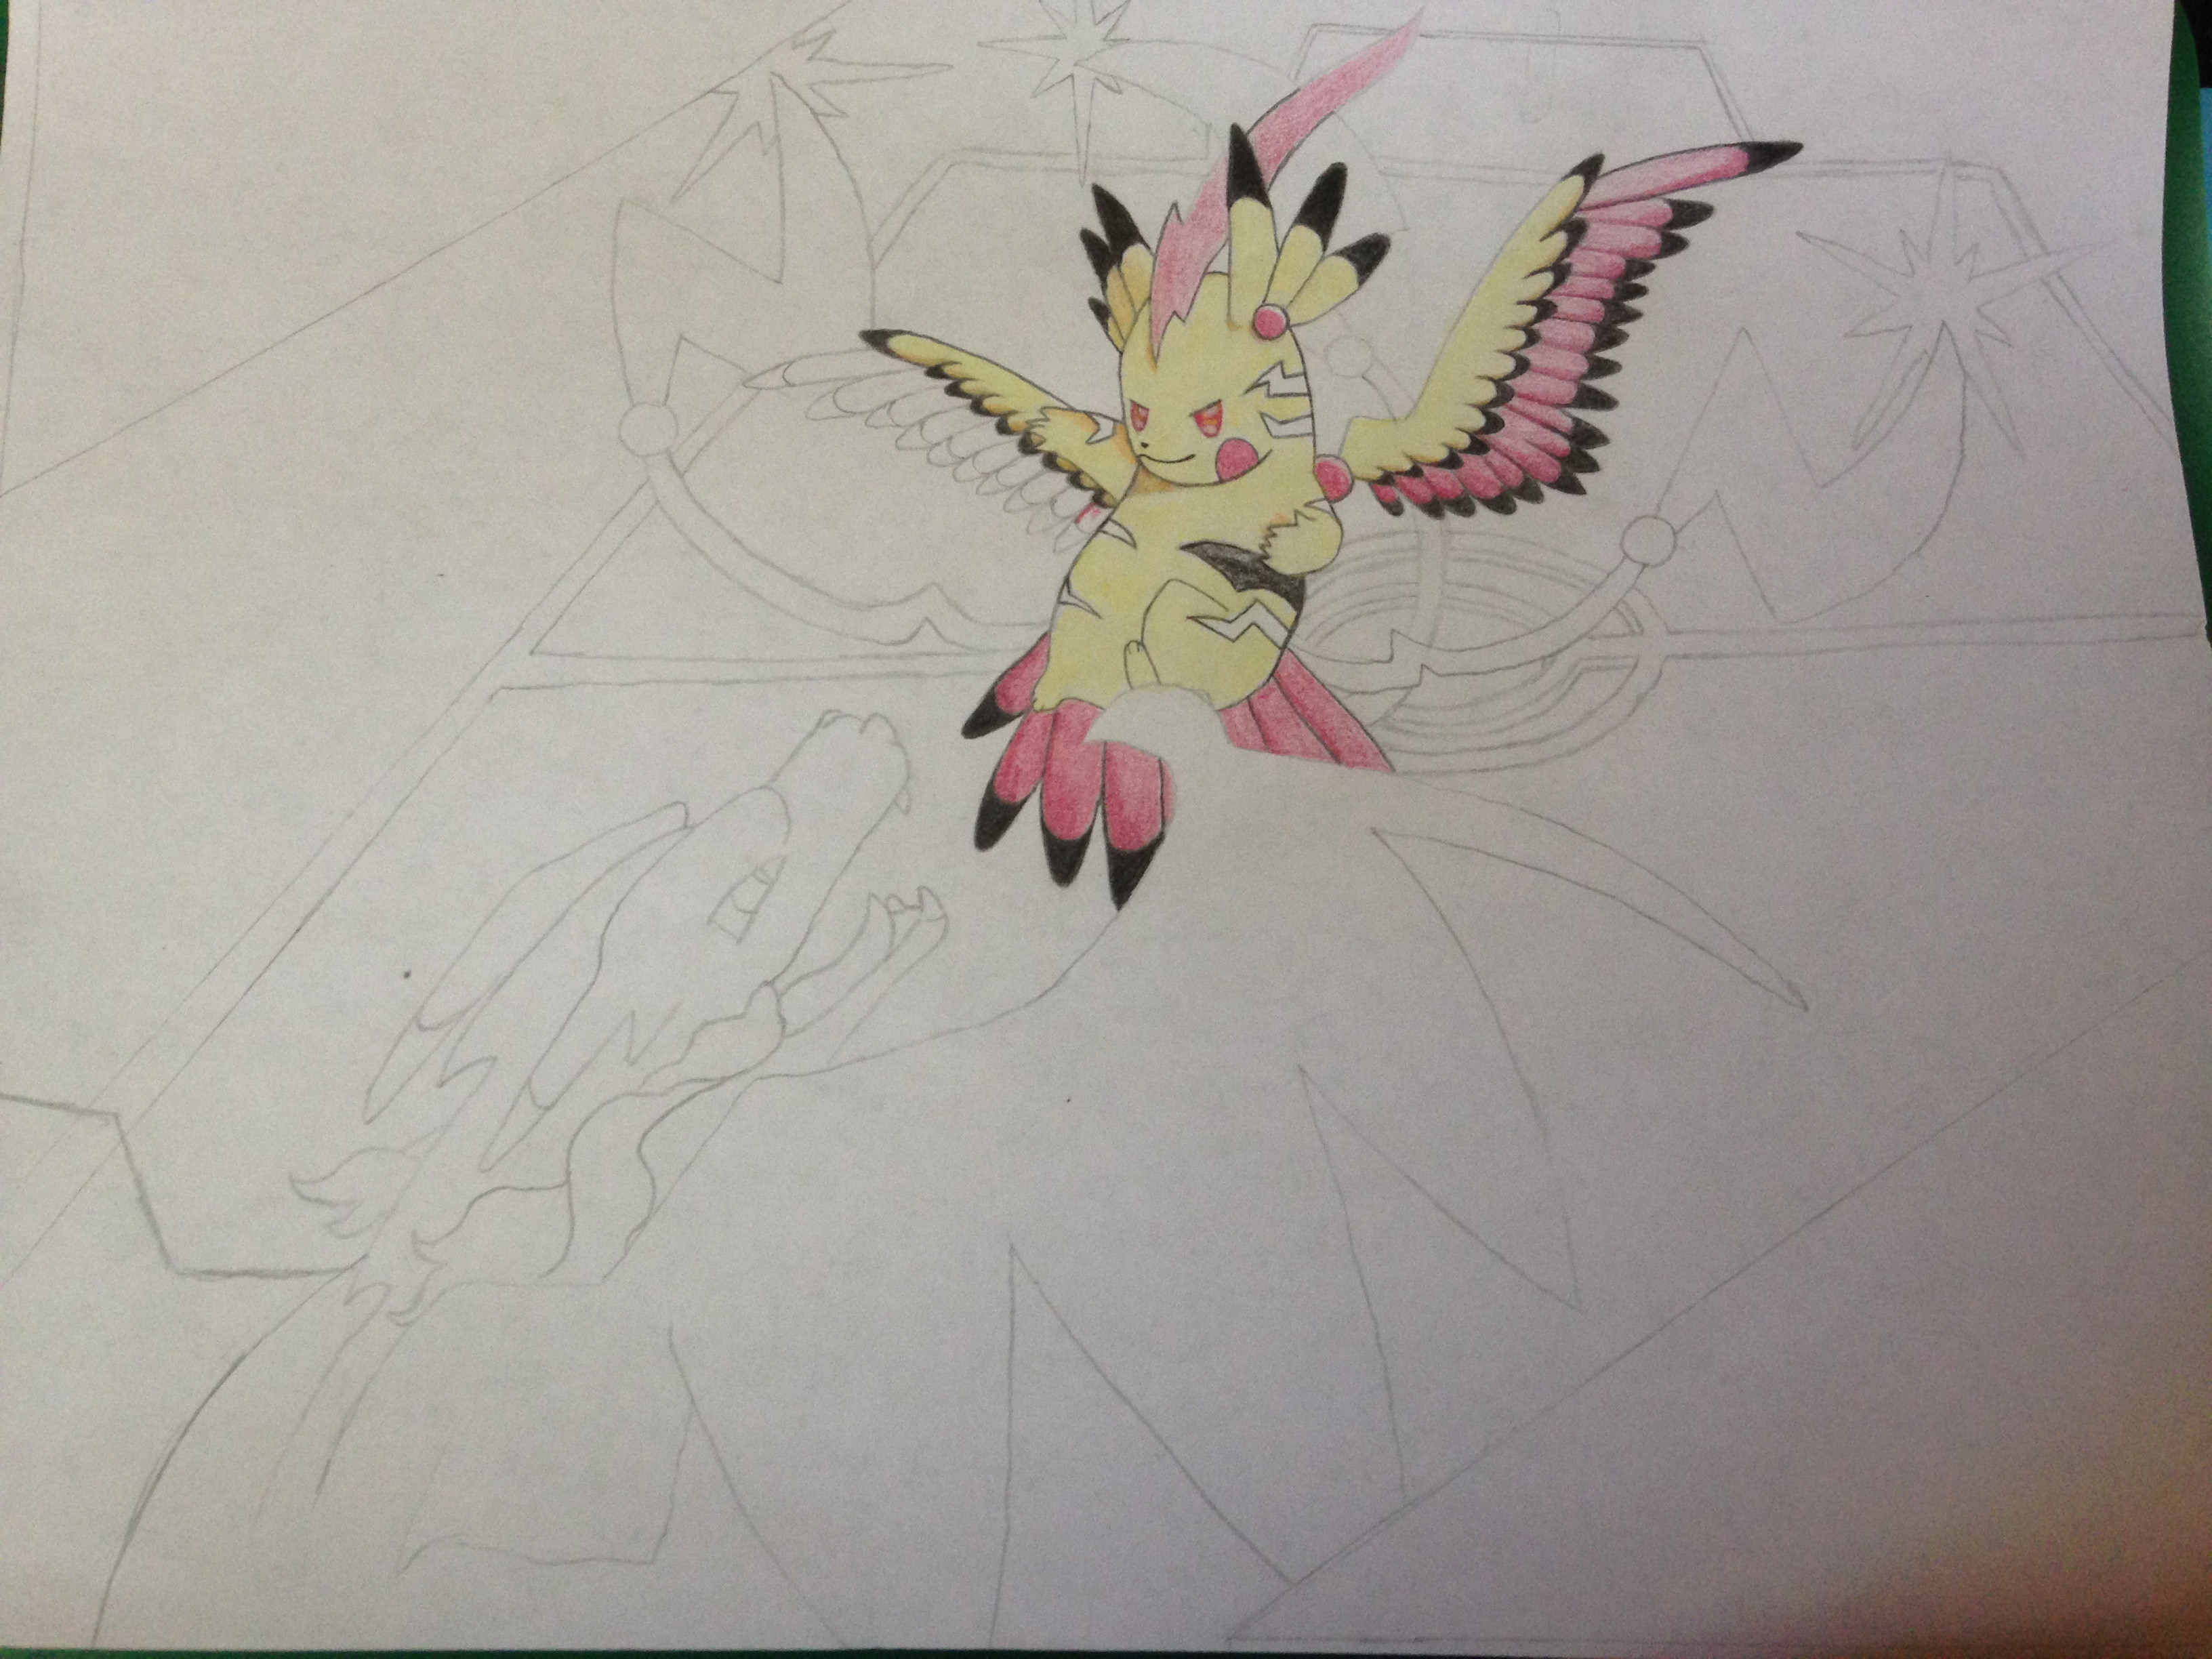 Pikachu color